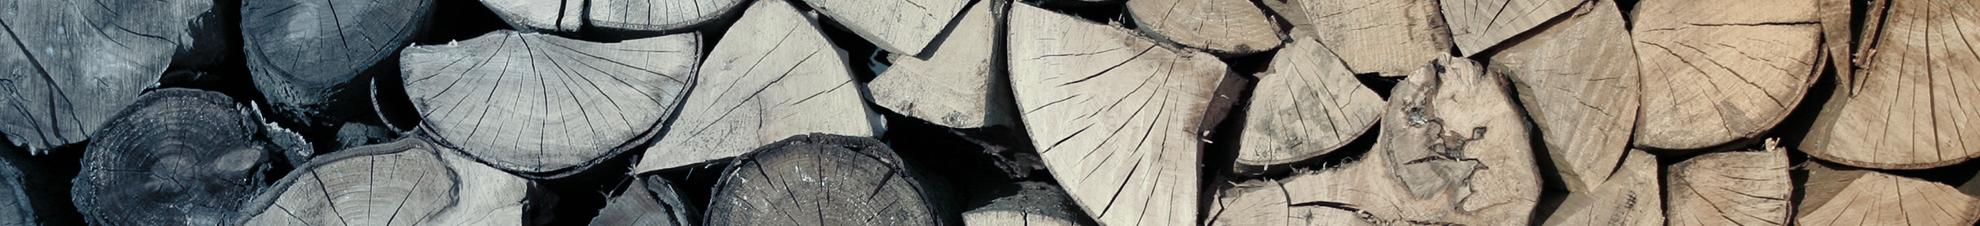 vente de bois, achat de bois sur pied, stere de bois